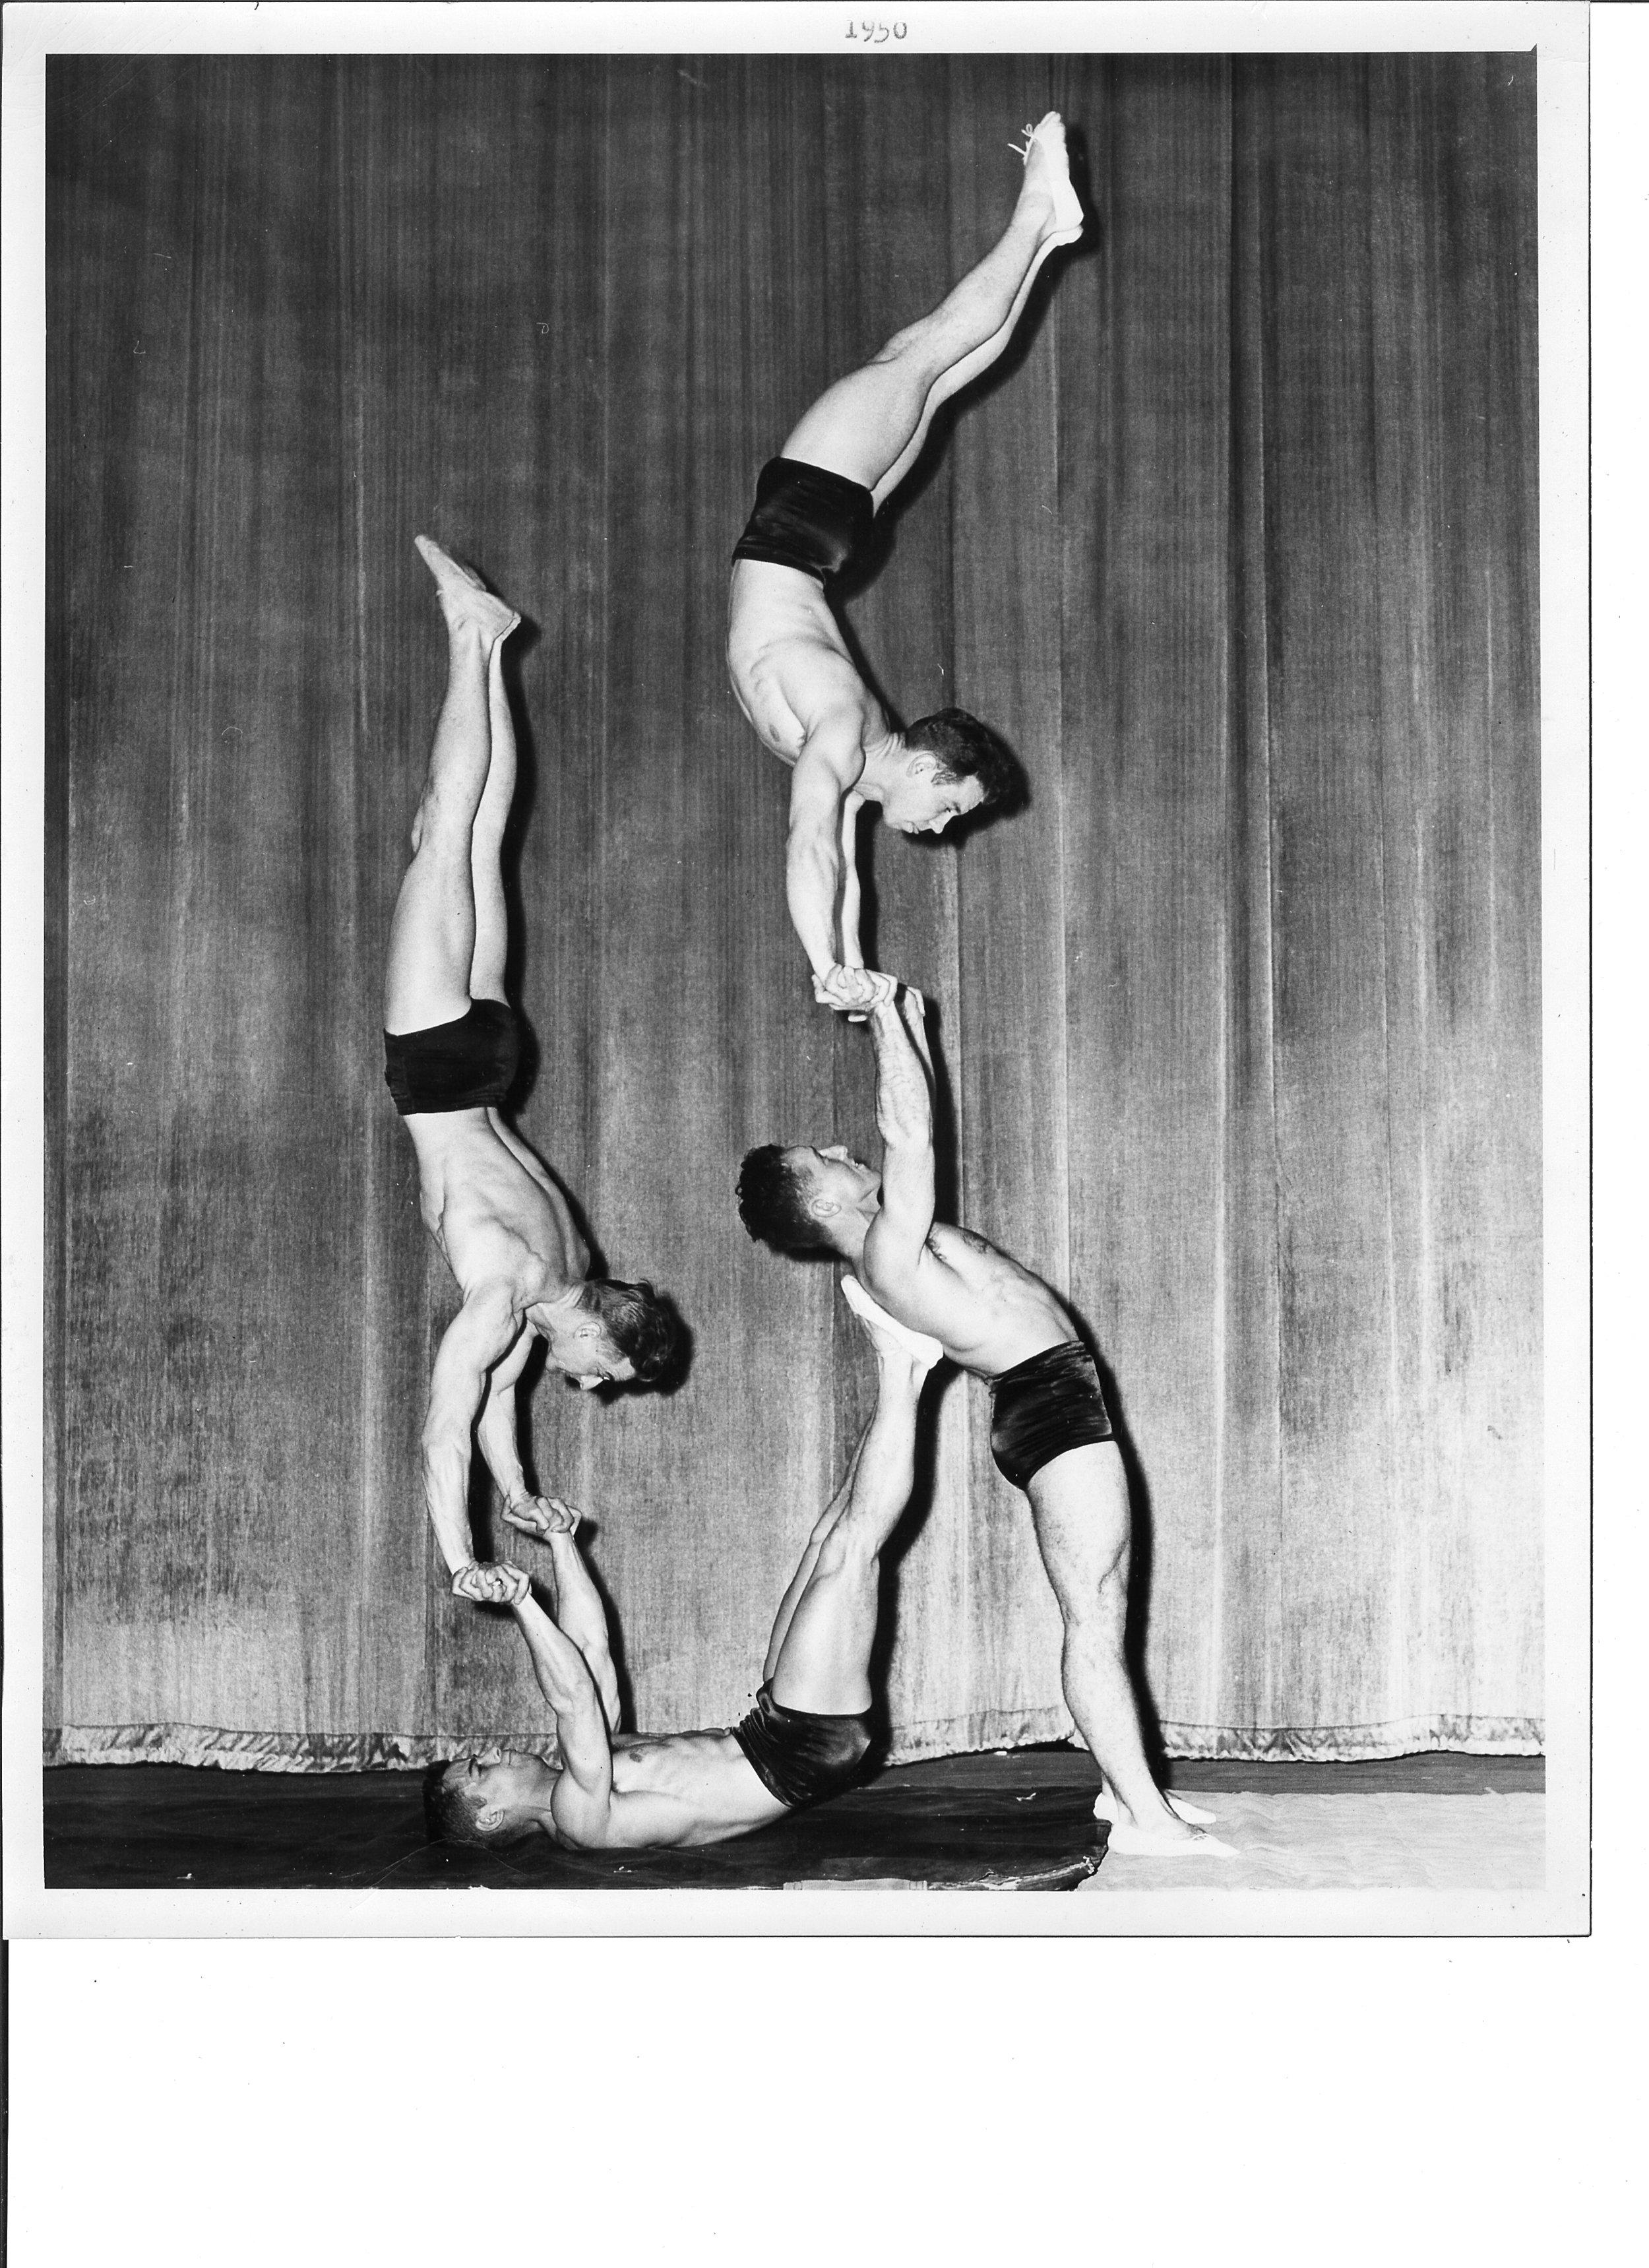 1950 Tom Bolgiano, Harold Buckley, Al Kuckhoff and Chuck Finch.jpg